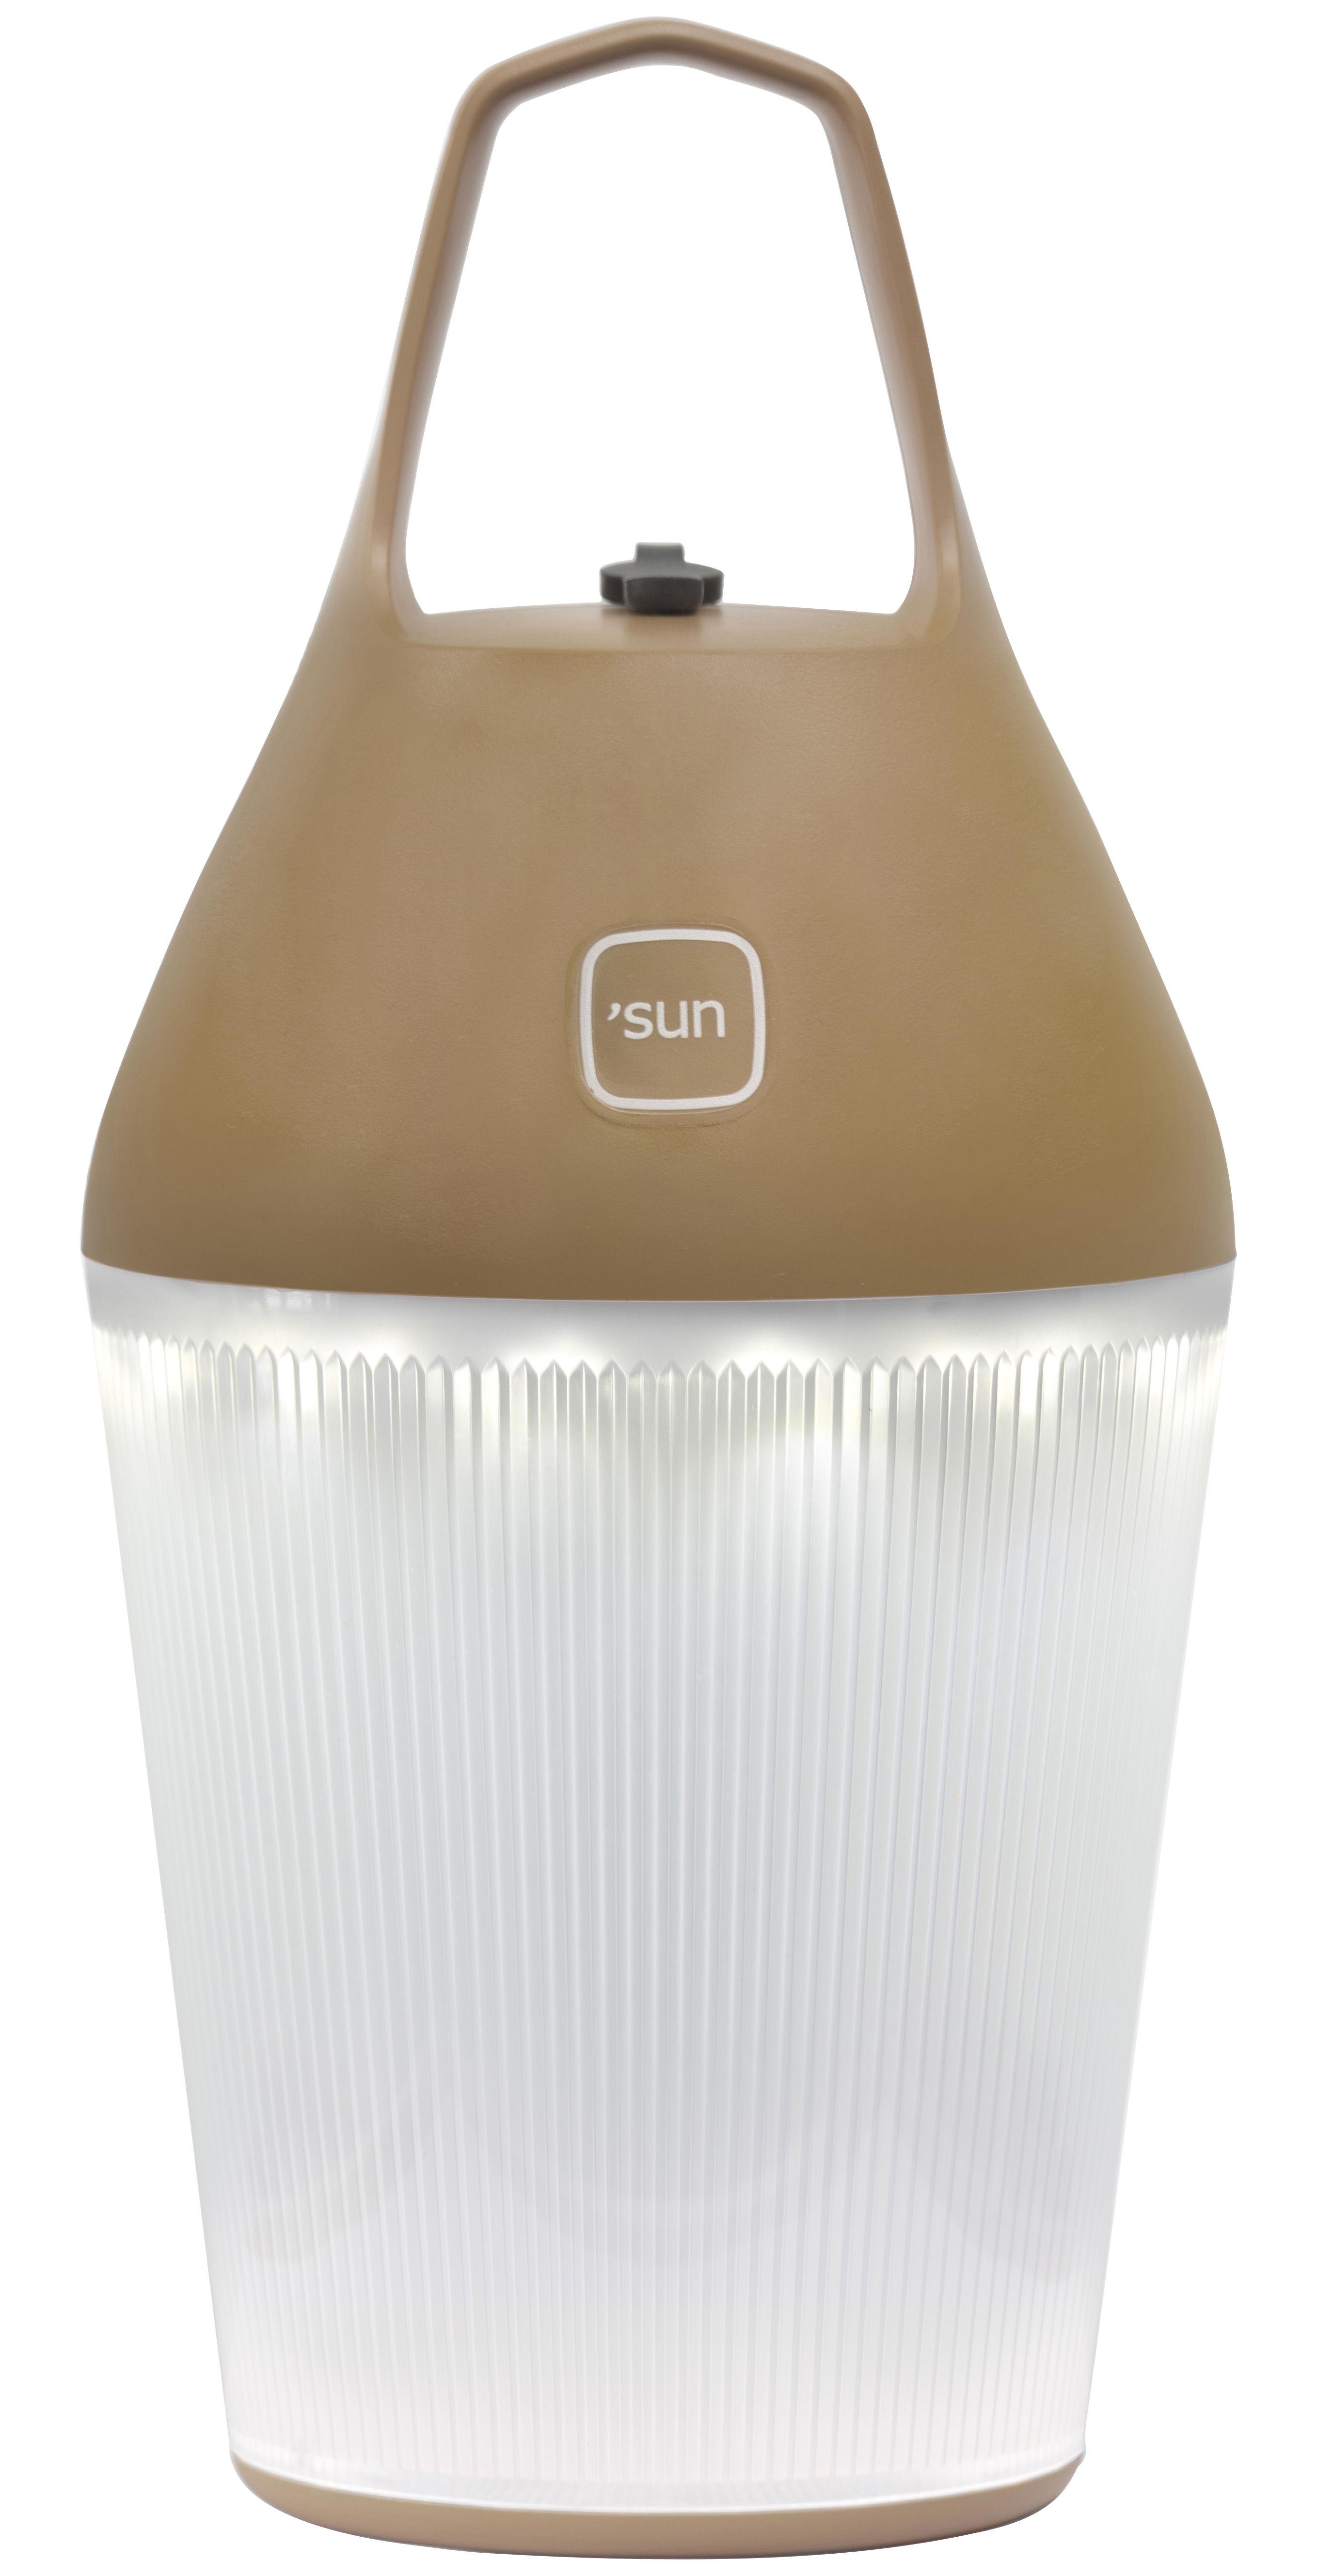 Luminaire - Lampes de table - Lampe sans fil Nomad / Recharge sur secteur - O'Sun - Ambre - ABS